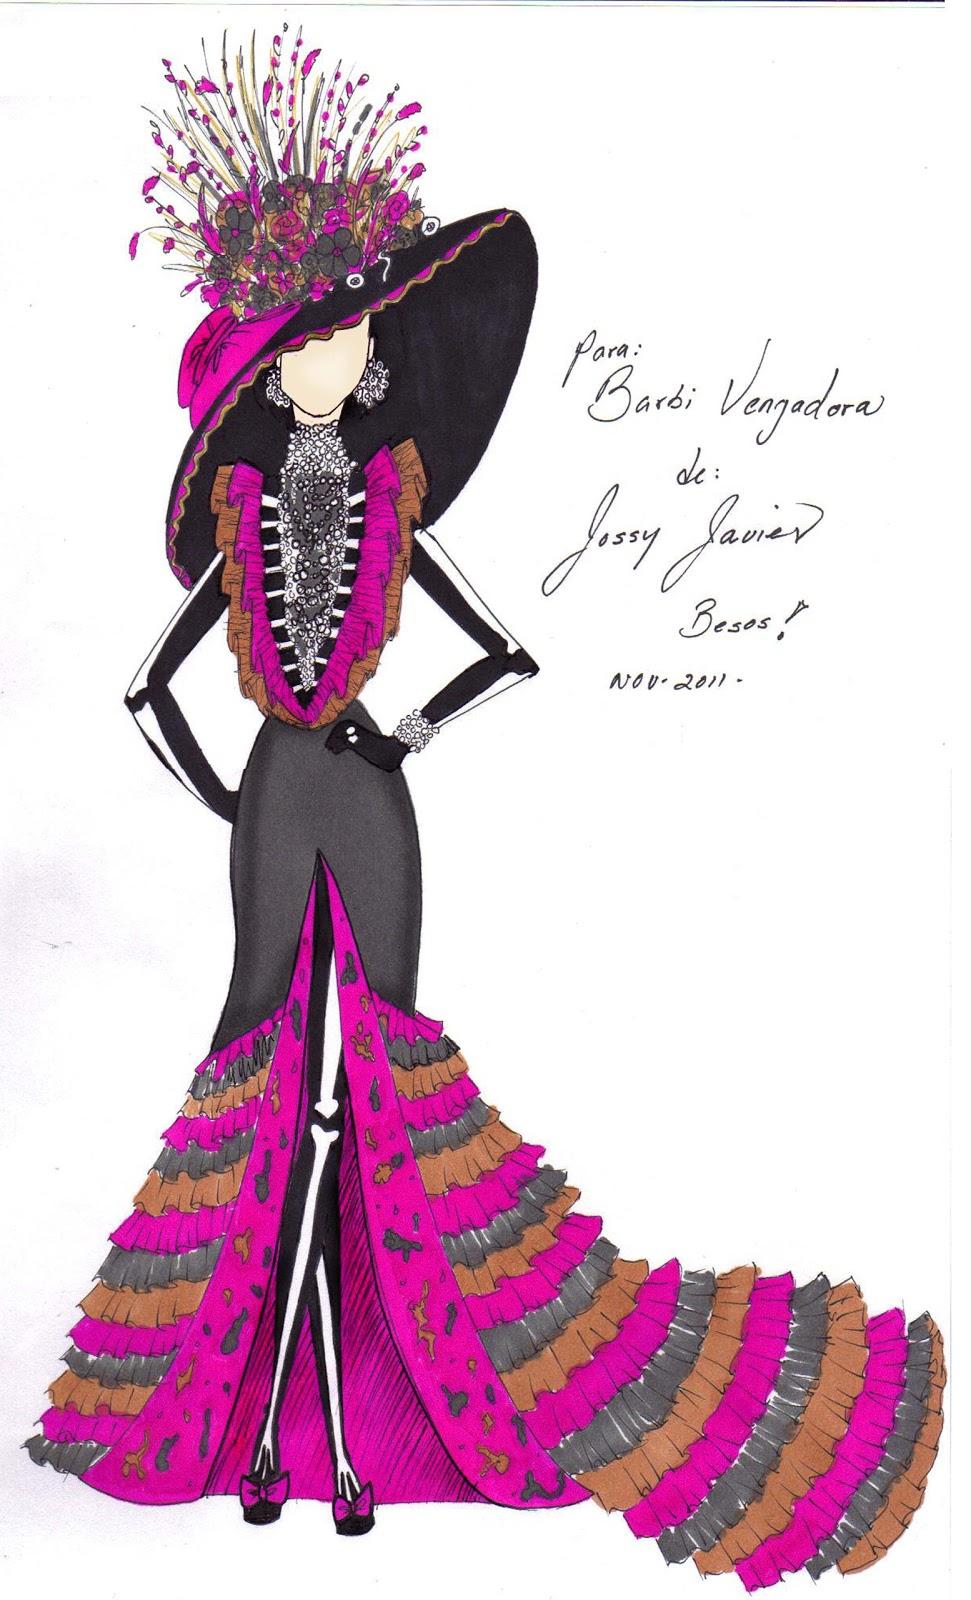 El Blog De Barbi Vengadora 2011